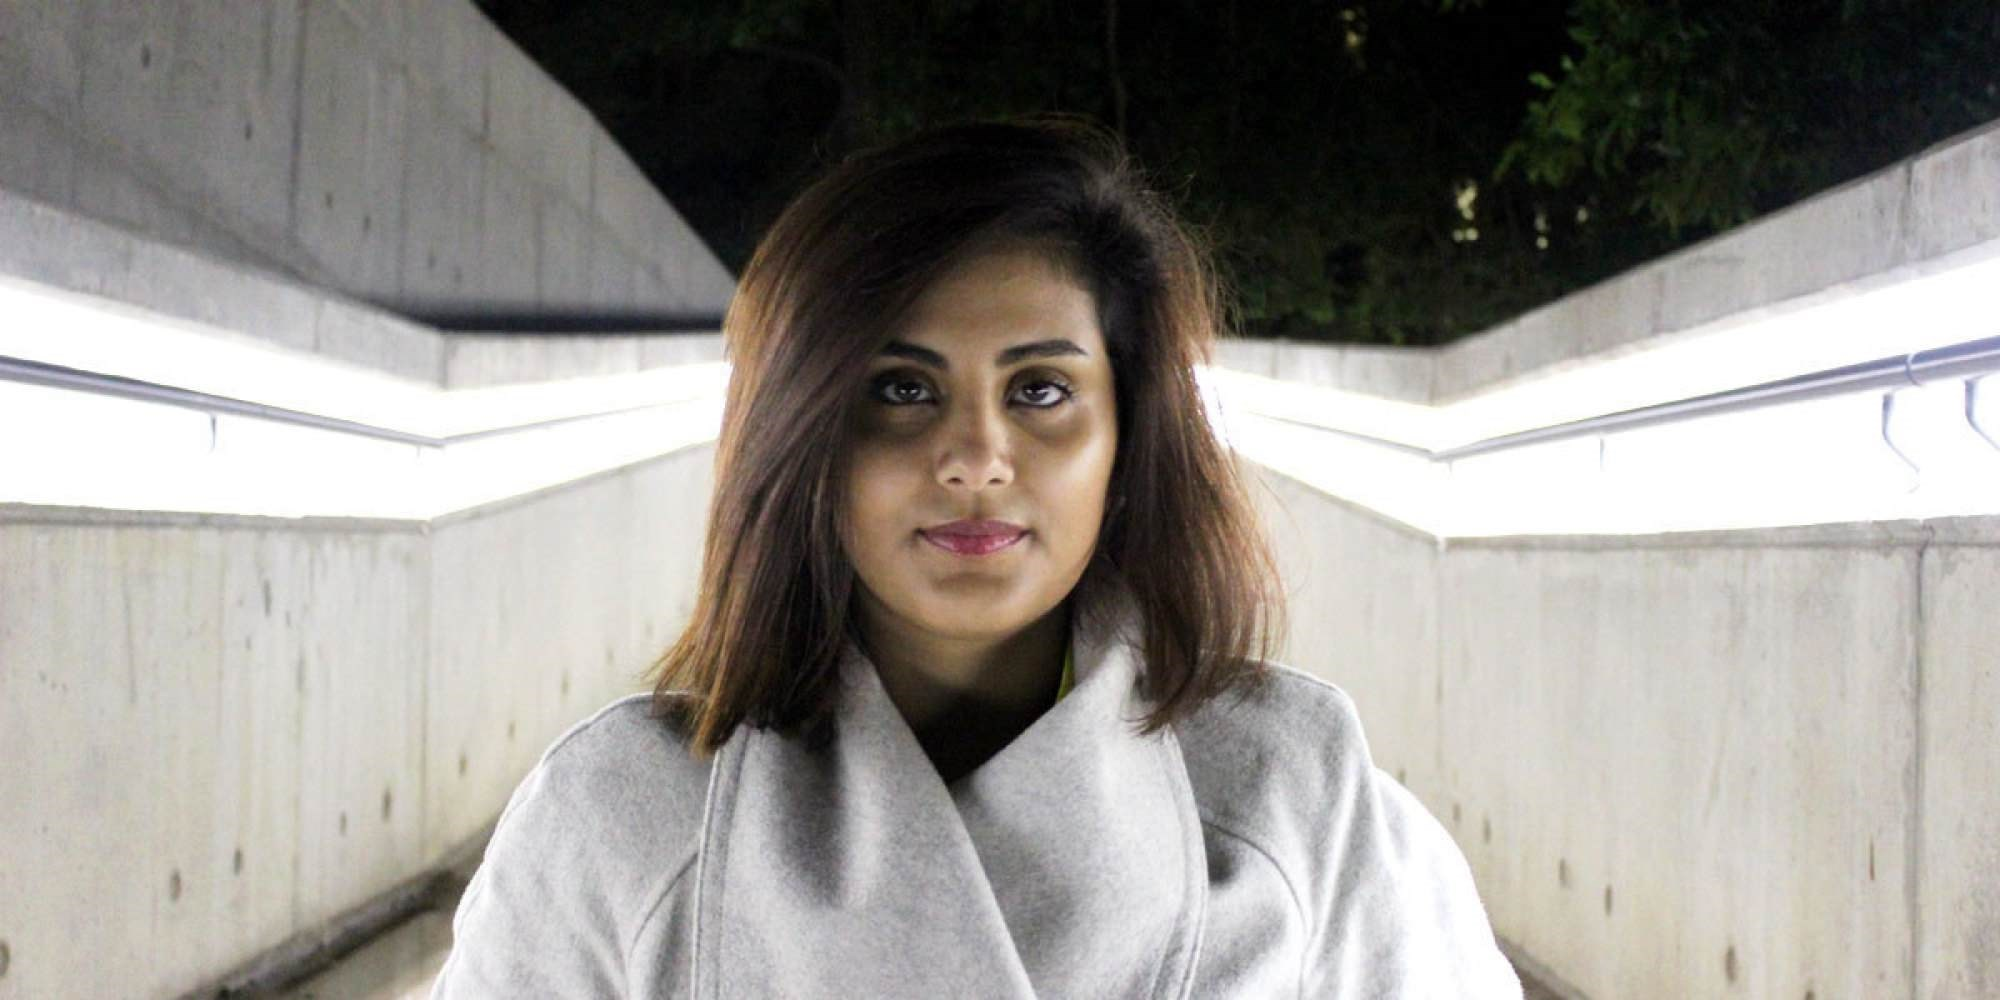 شقيقة الهذلول تعلن الإفراج عنها بعد أكثر من 1000 يوم على اعتقالها في سجن السعودية